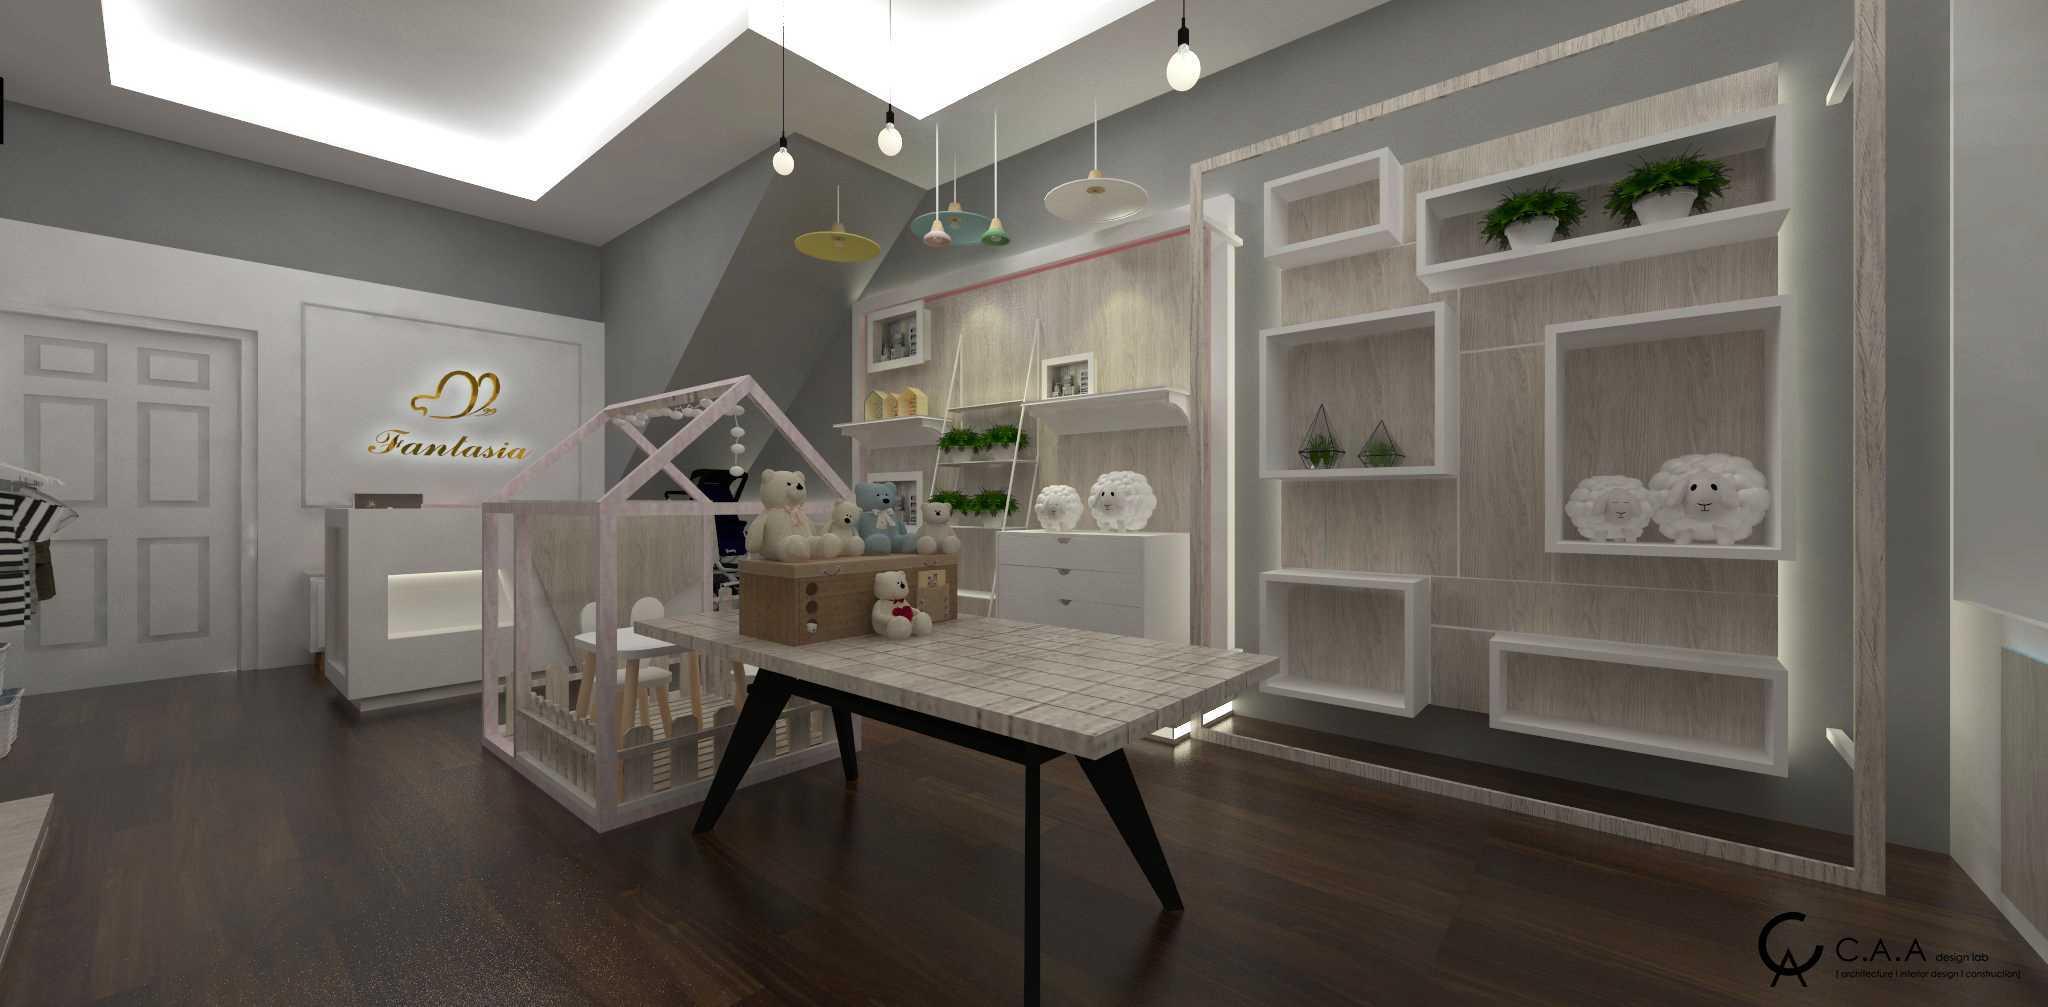 Ada Design Studio Fantasia Baby Shop Cbd Gading Serpong, Ruko 7Cs, Df1/3, Curug Sangereng, Klp. Dua, Tangerang, Banten 15810, Indonesia Cbd Gading Serpong, Ruko 7Cs, Df1/3, Curug Sangereng, Klp. Dua, Tangerang, Banten 15810, Indonesia Ada-Design-Lab-Fantasia-Baby-Shop  67452